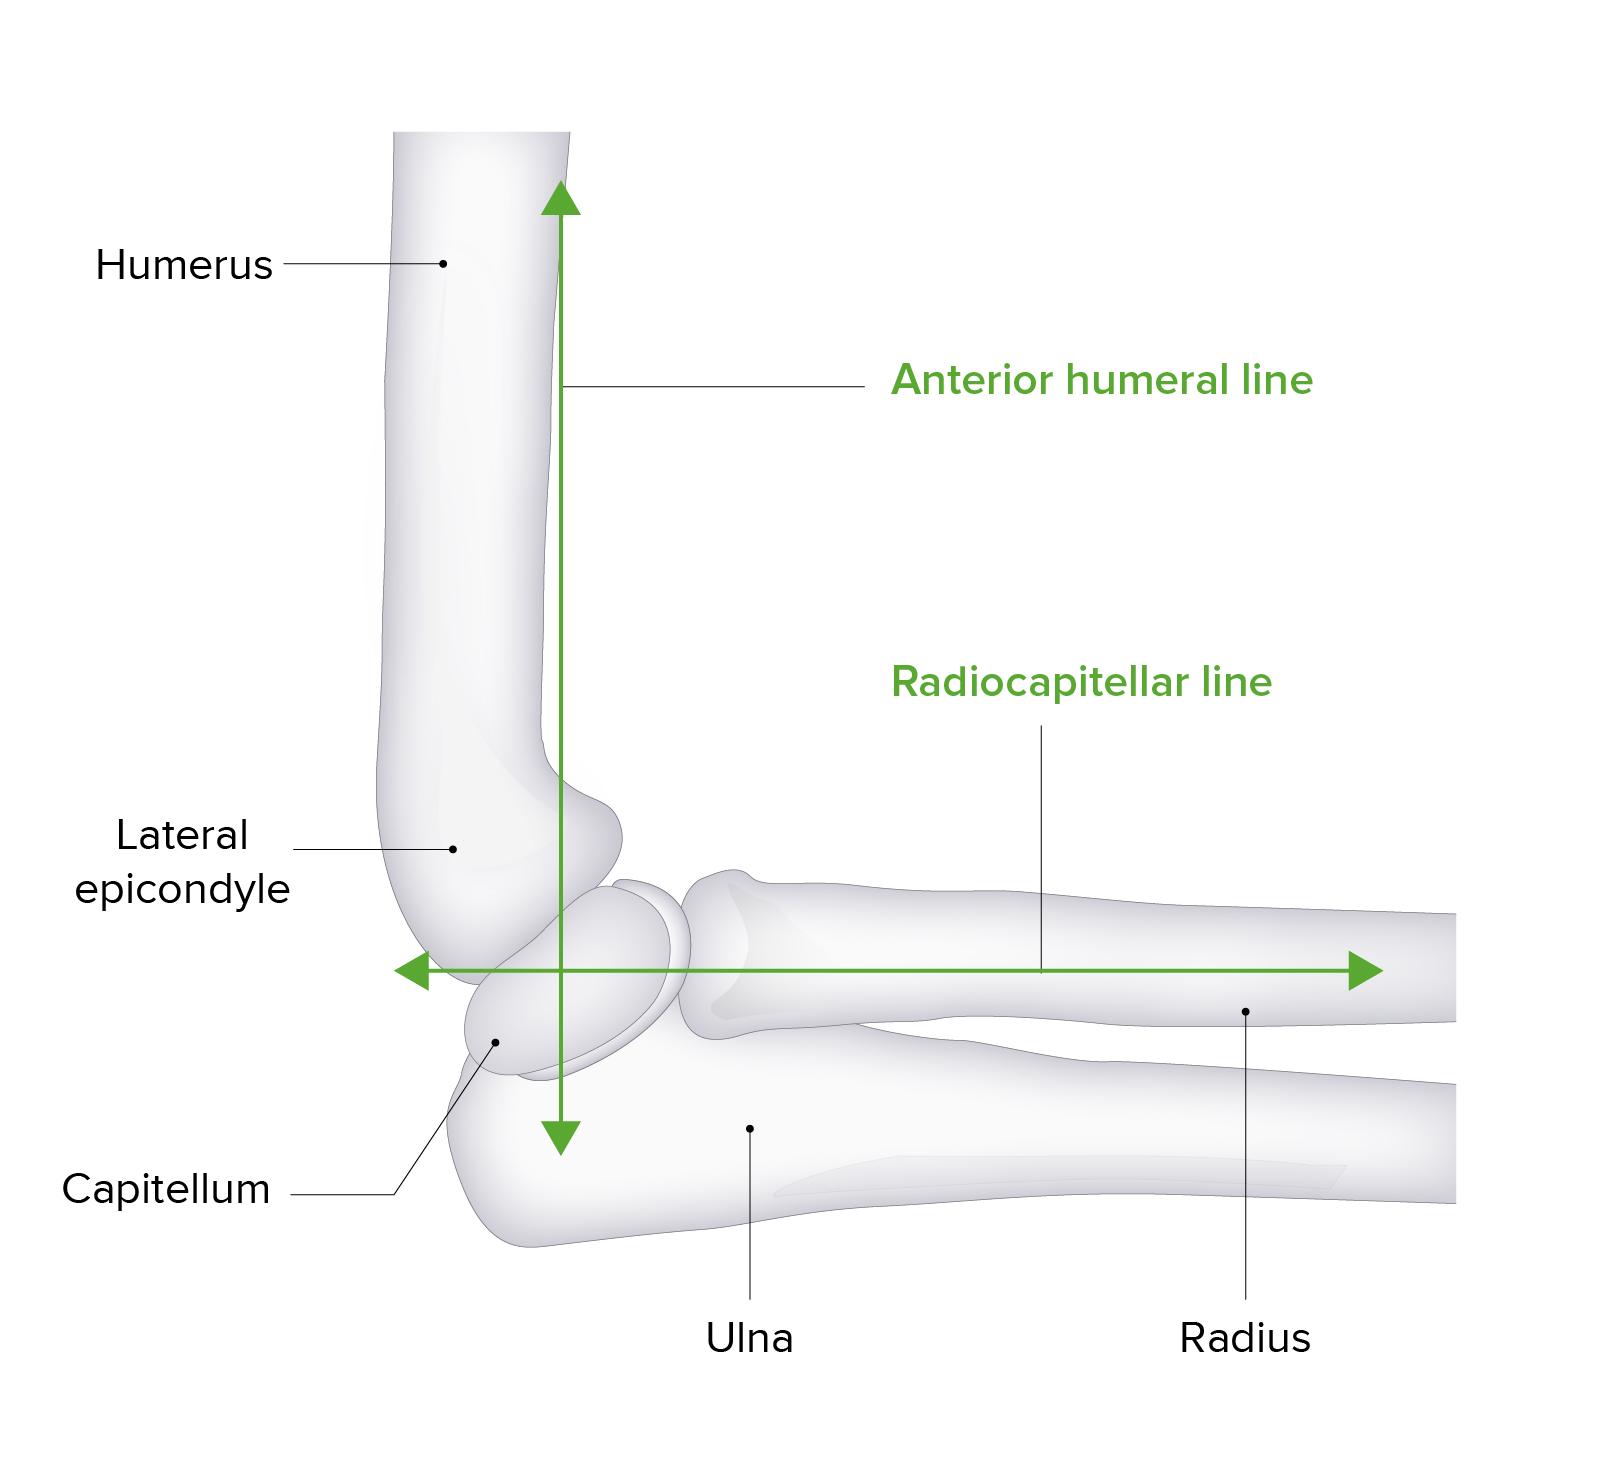 Anterior humeral line diagram